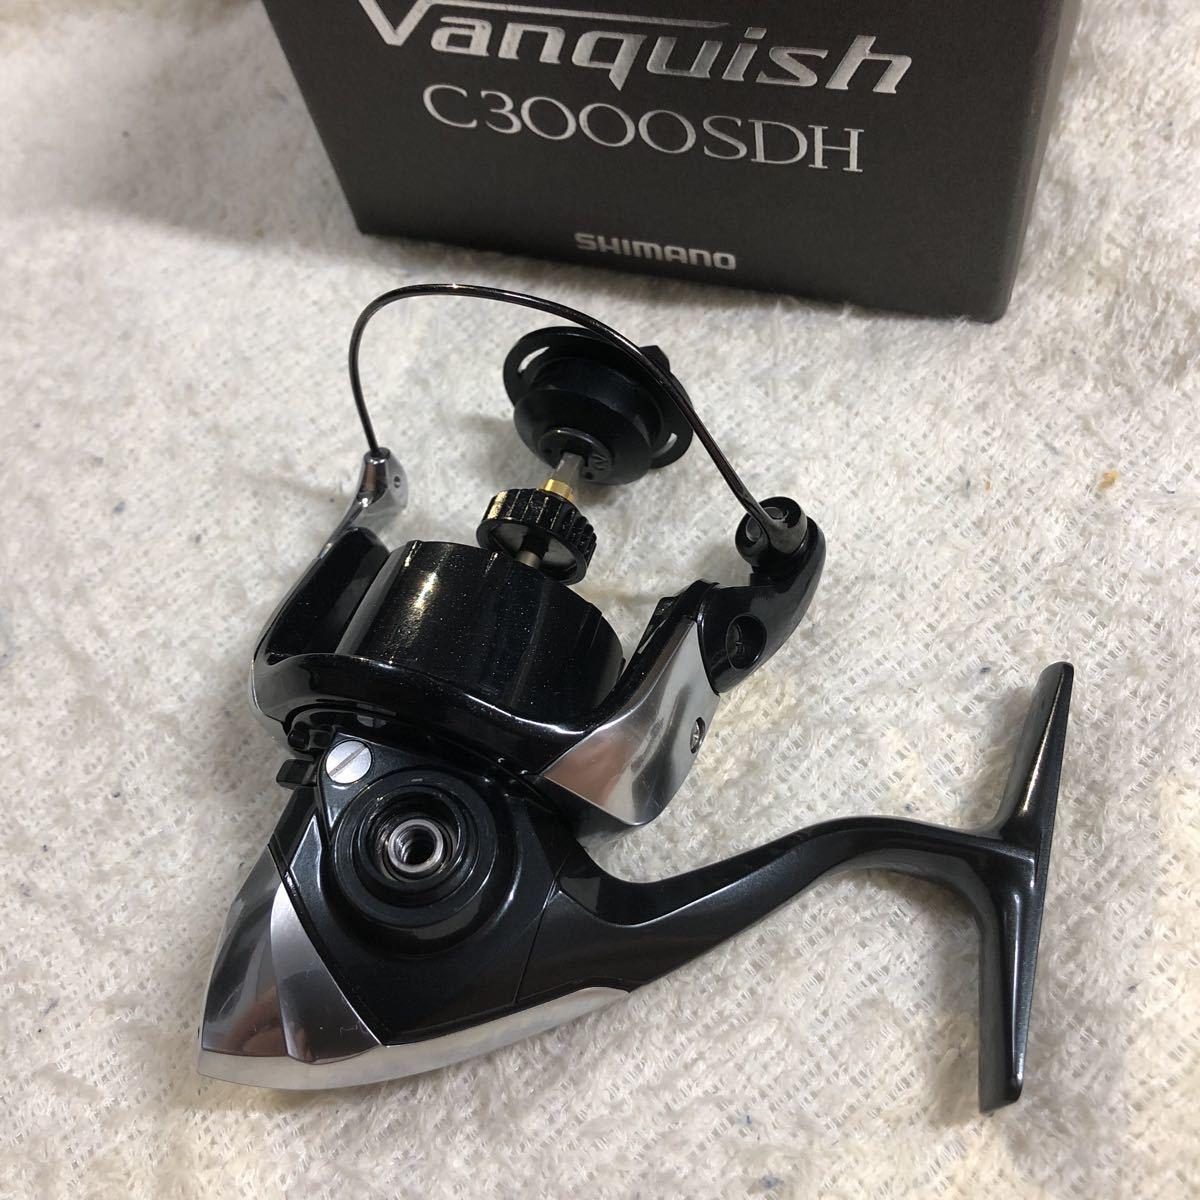 12ヴァンキッシュ C3000SDH 本体のみ